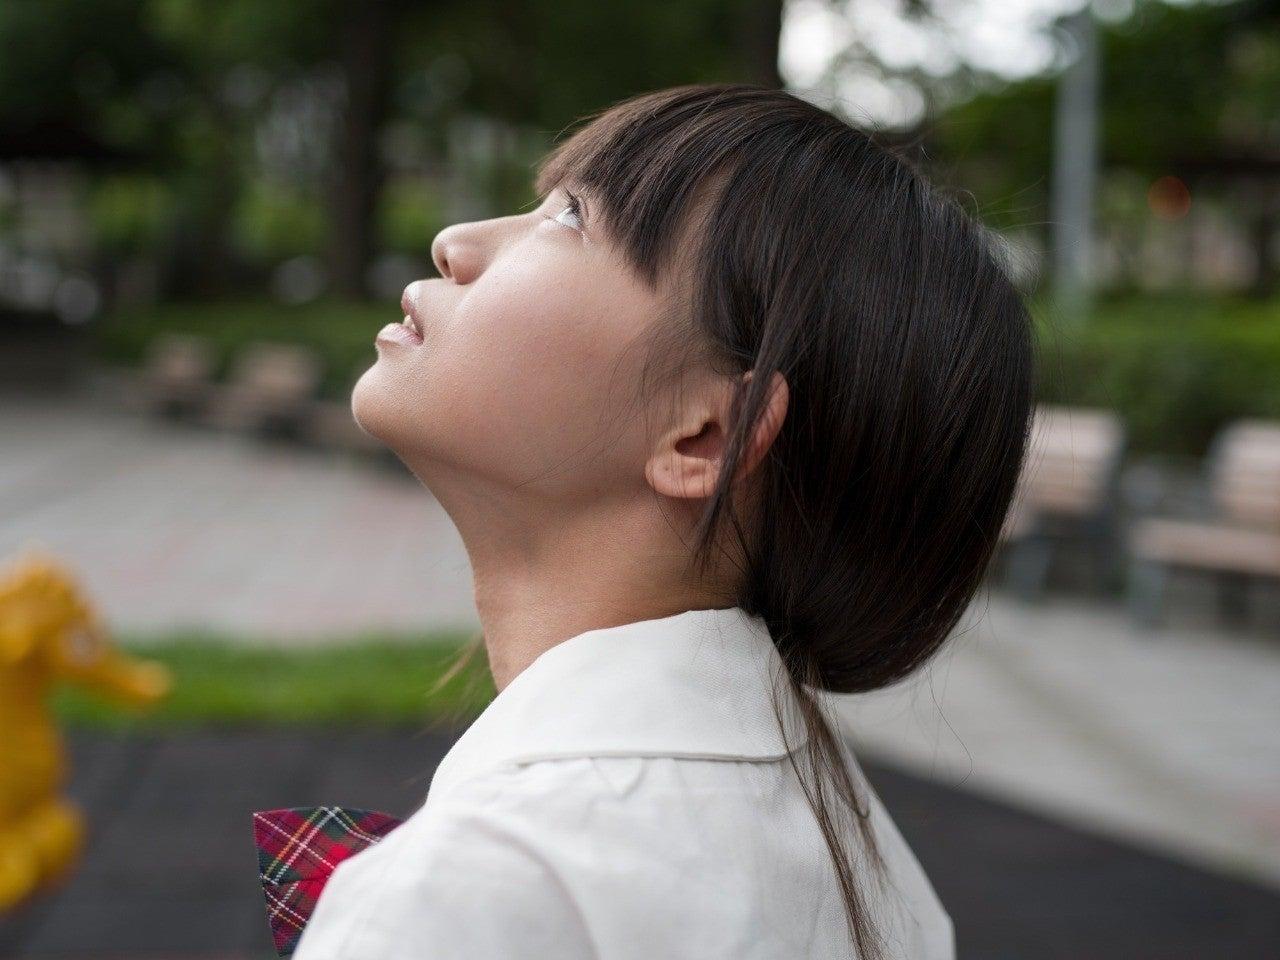 乃木坂 僕 の こと 知っ てる 僕のこと、知ってる? 歌詞/乃木坂46